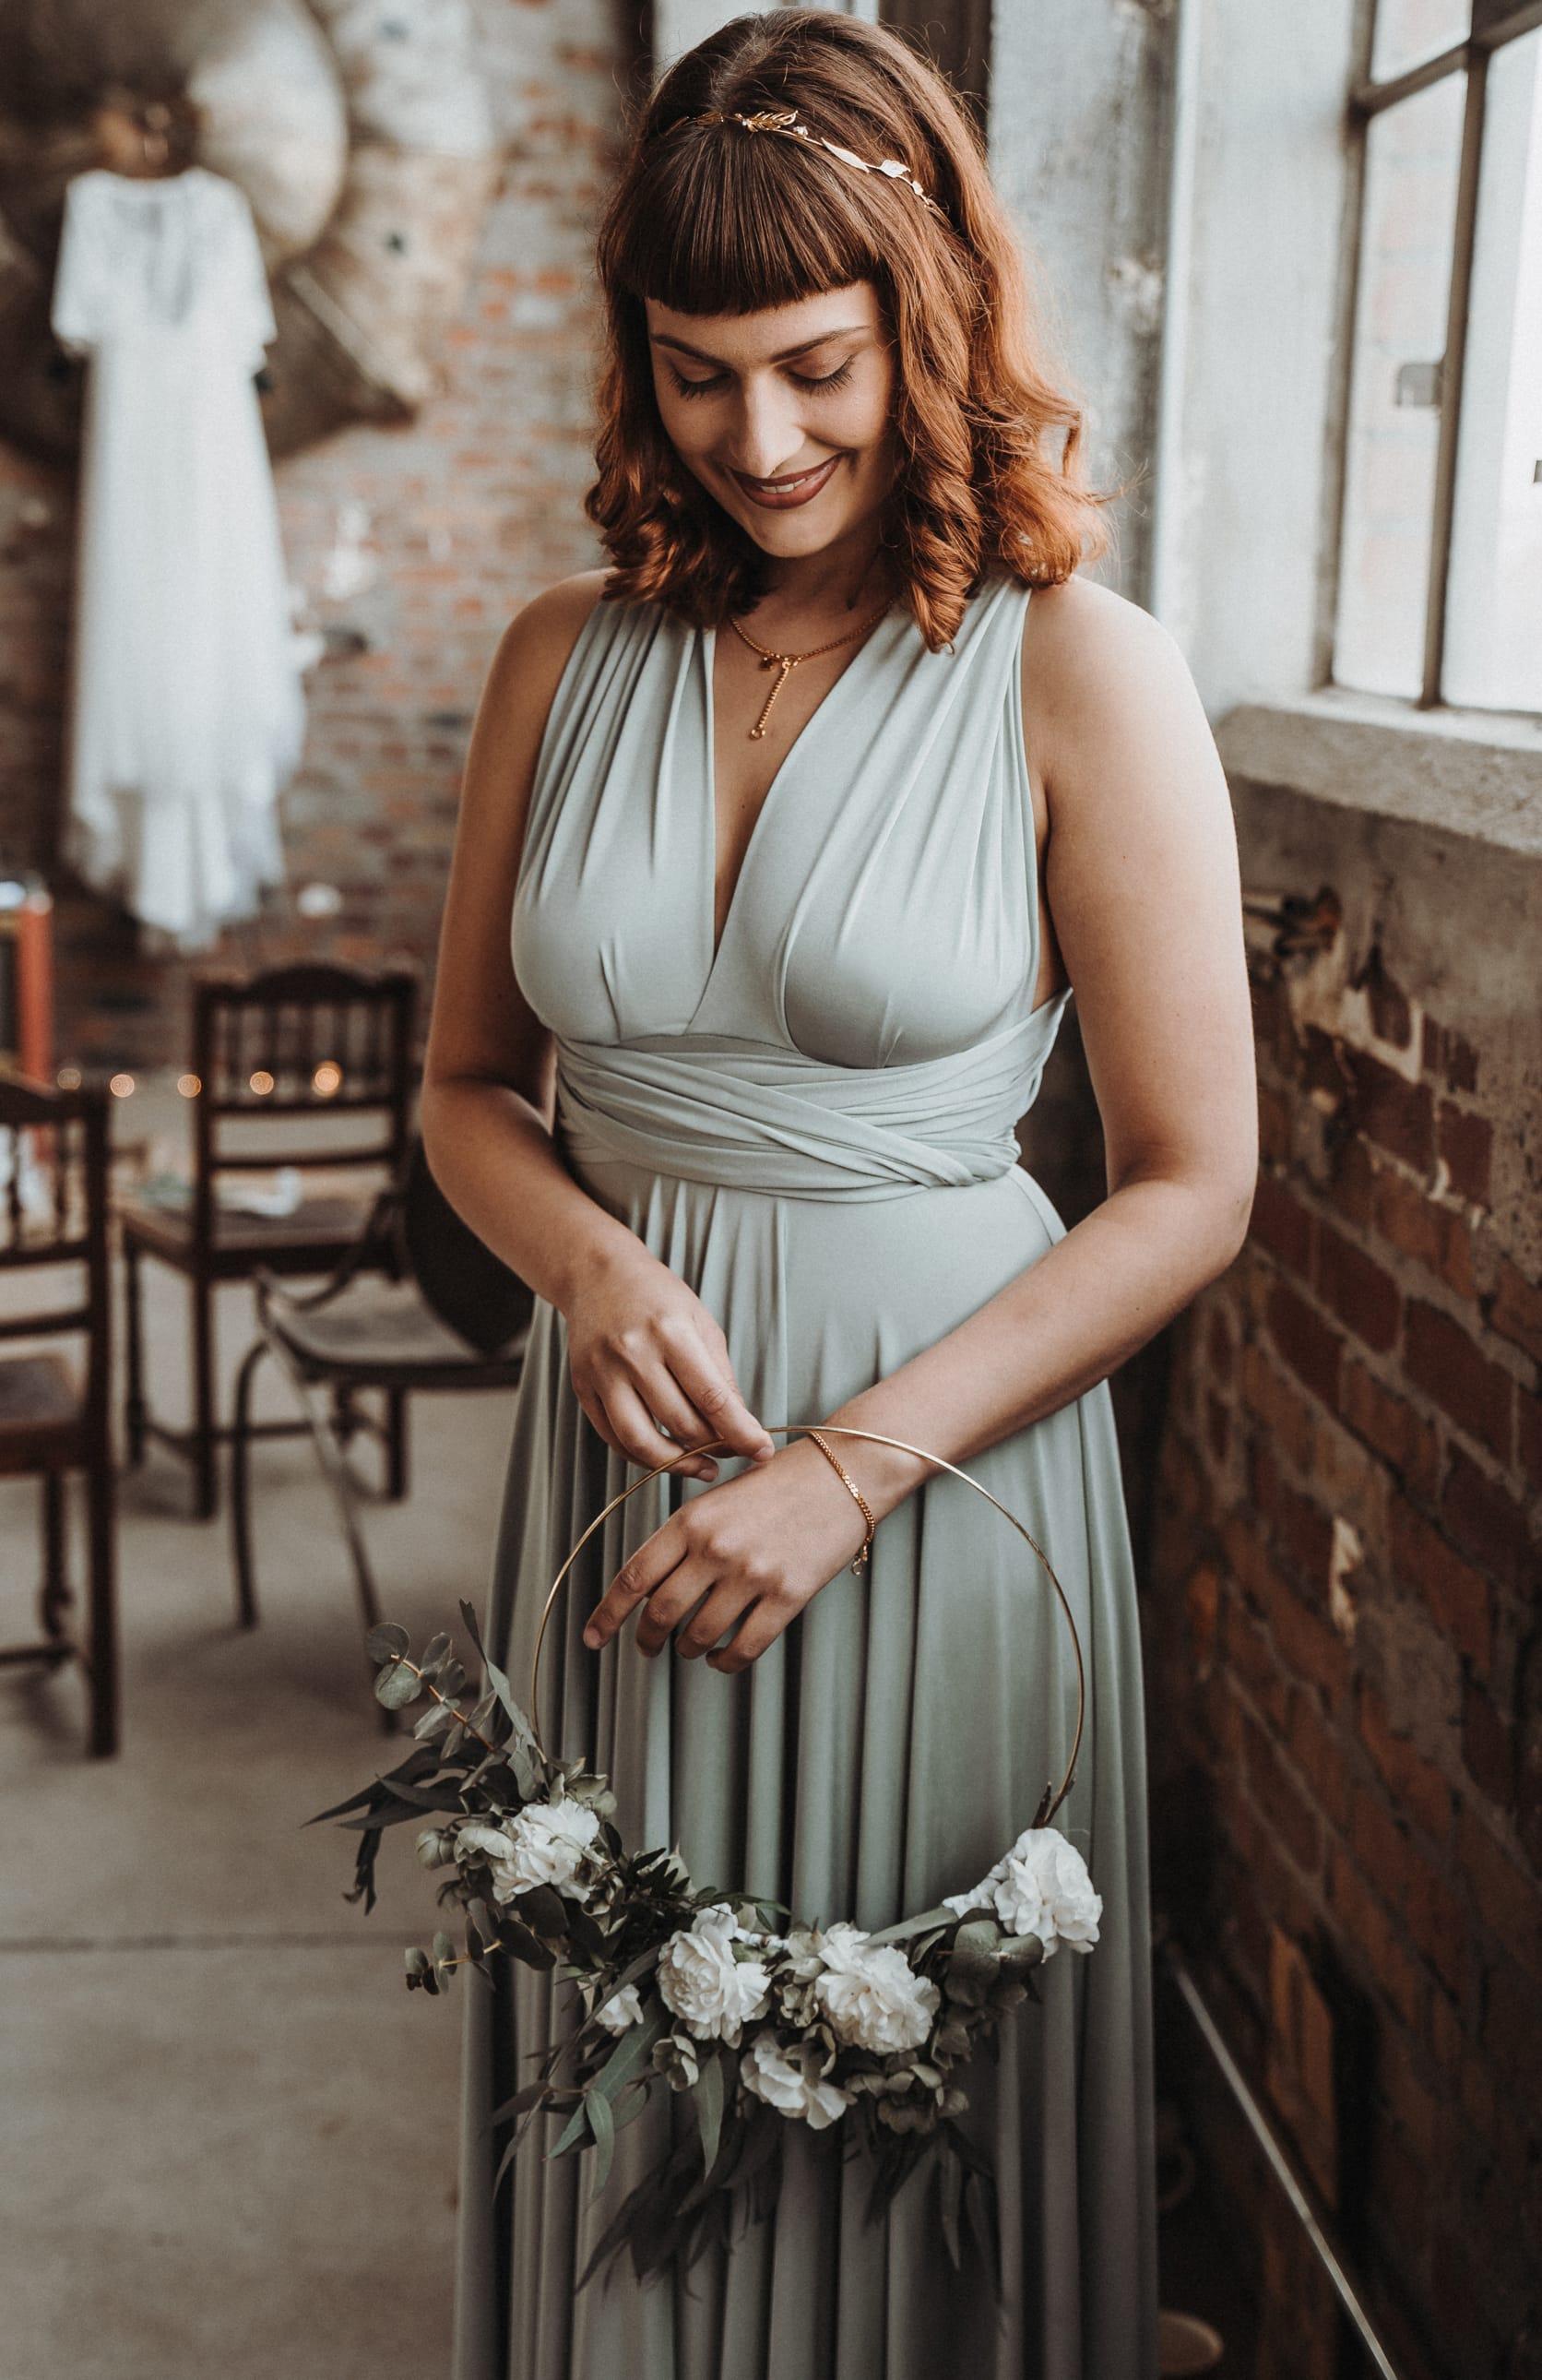 Blumenkranz_der_Trend_für_Hochzeiten_01